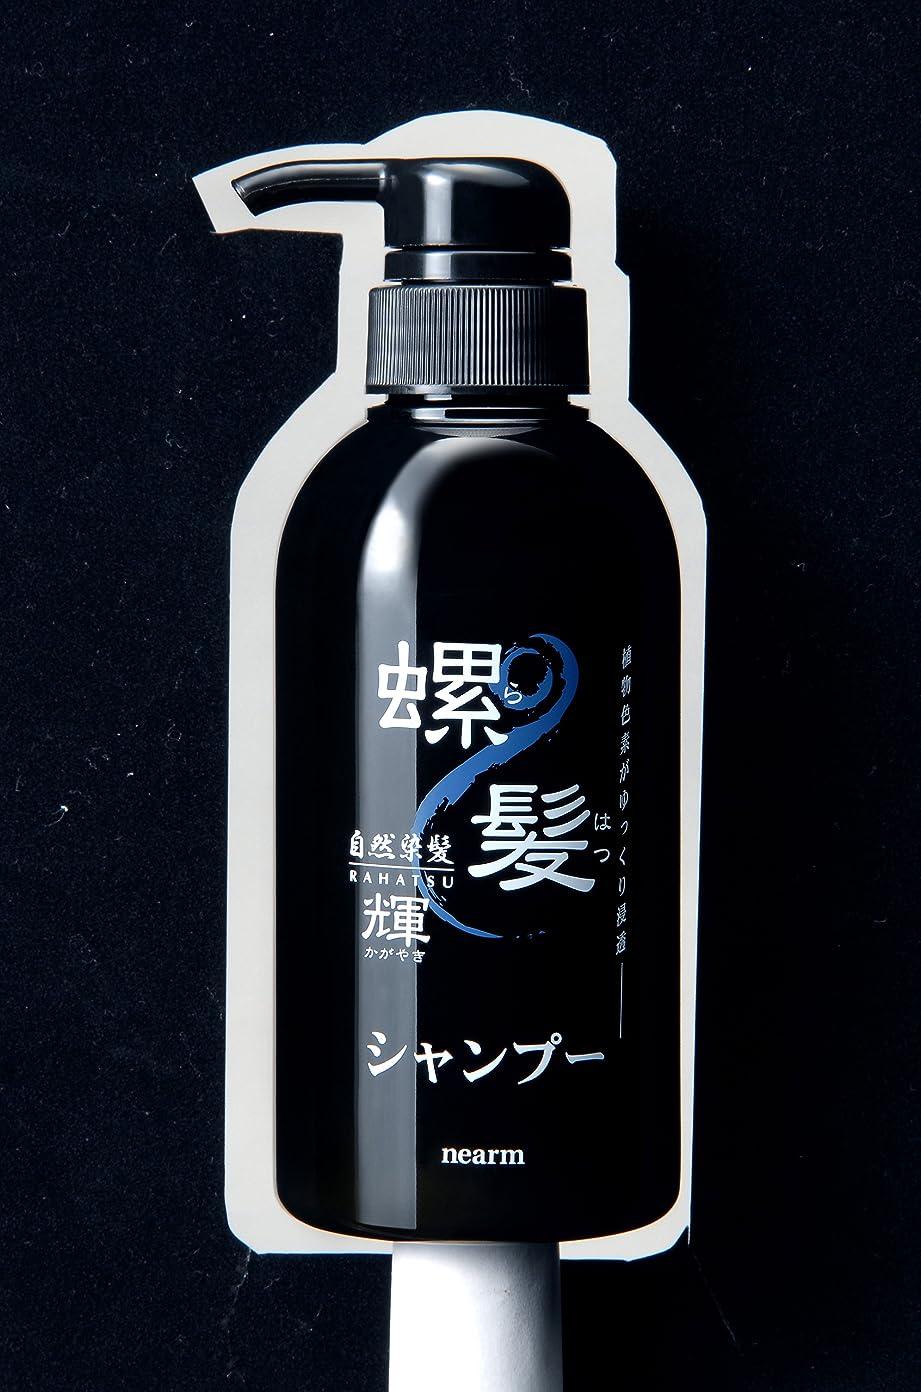 系譜軽くポーンネアーム螺髪輝シャンプー&ヘアパックセット(ブラック)